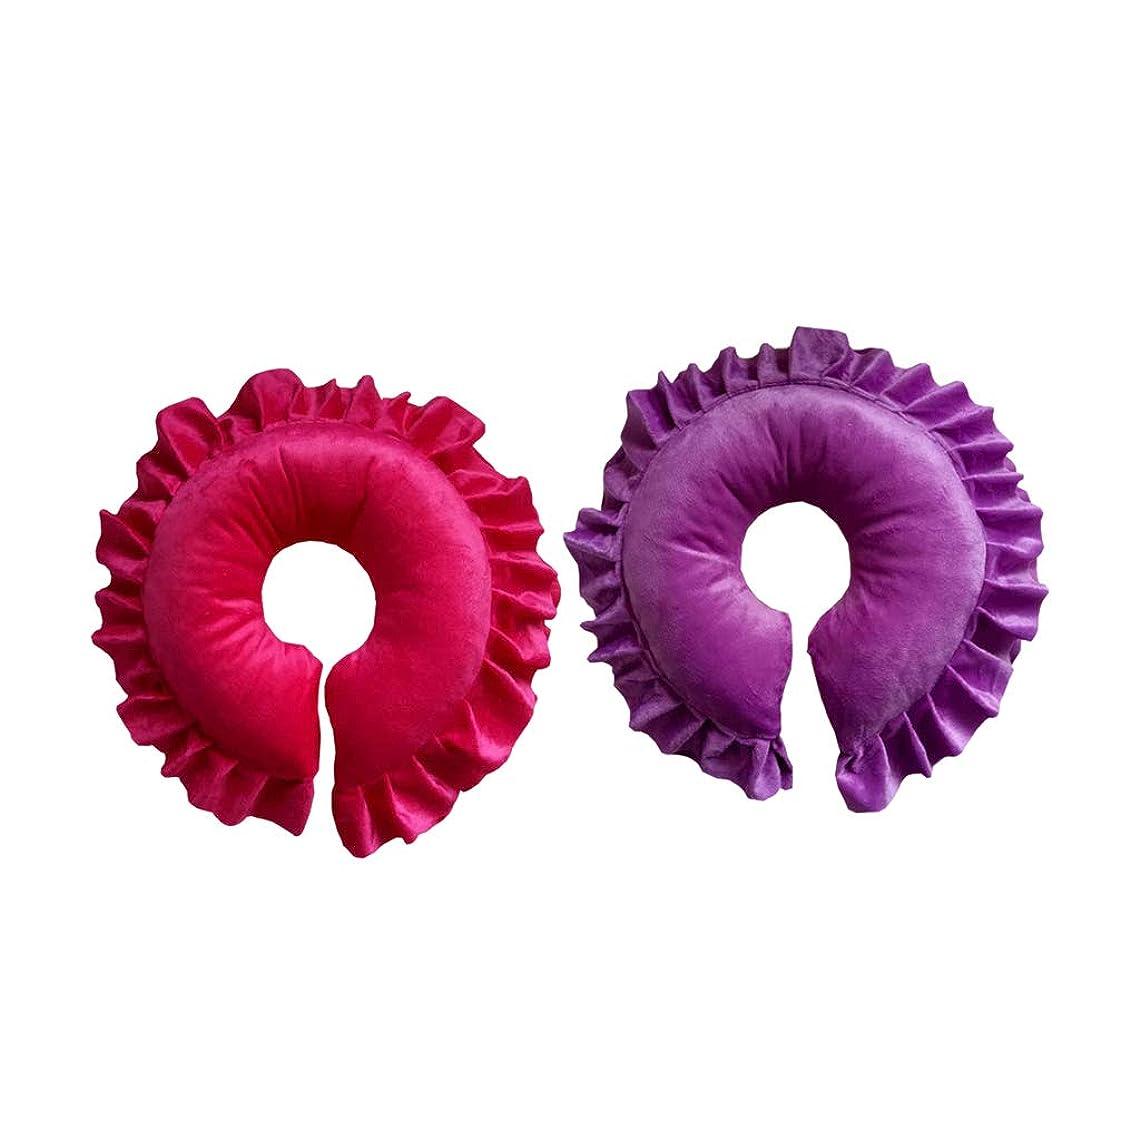 忠誠しみ世論調査chiwanji フェイスピロー マッサージ枕 クッション サロン スパ 快適 実用的 紫&赤 2個入り